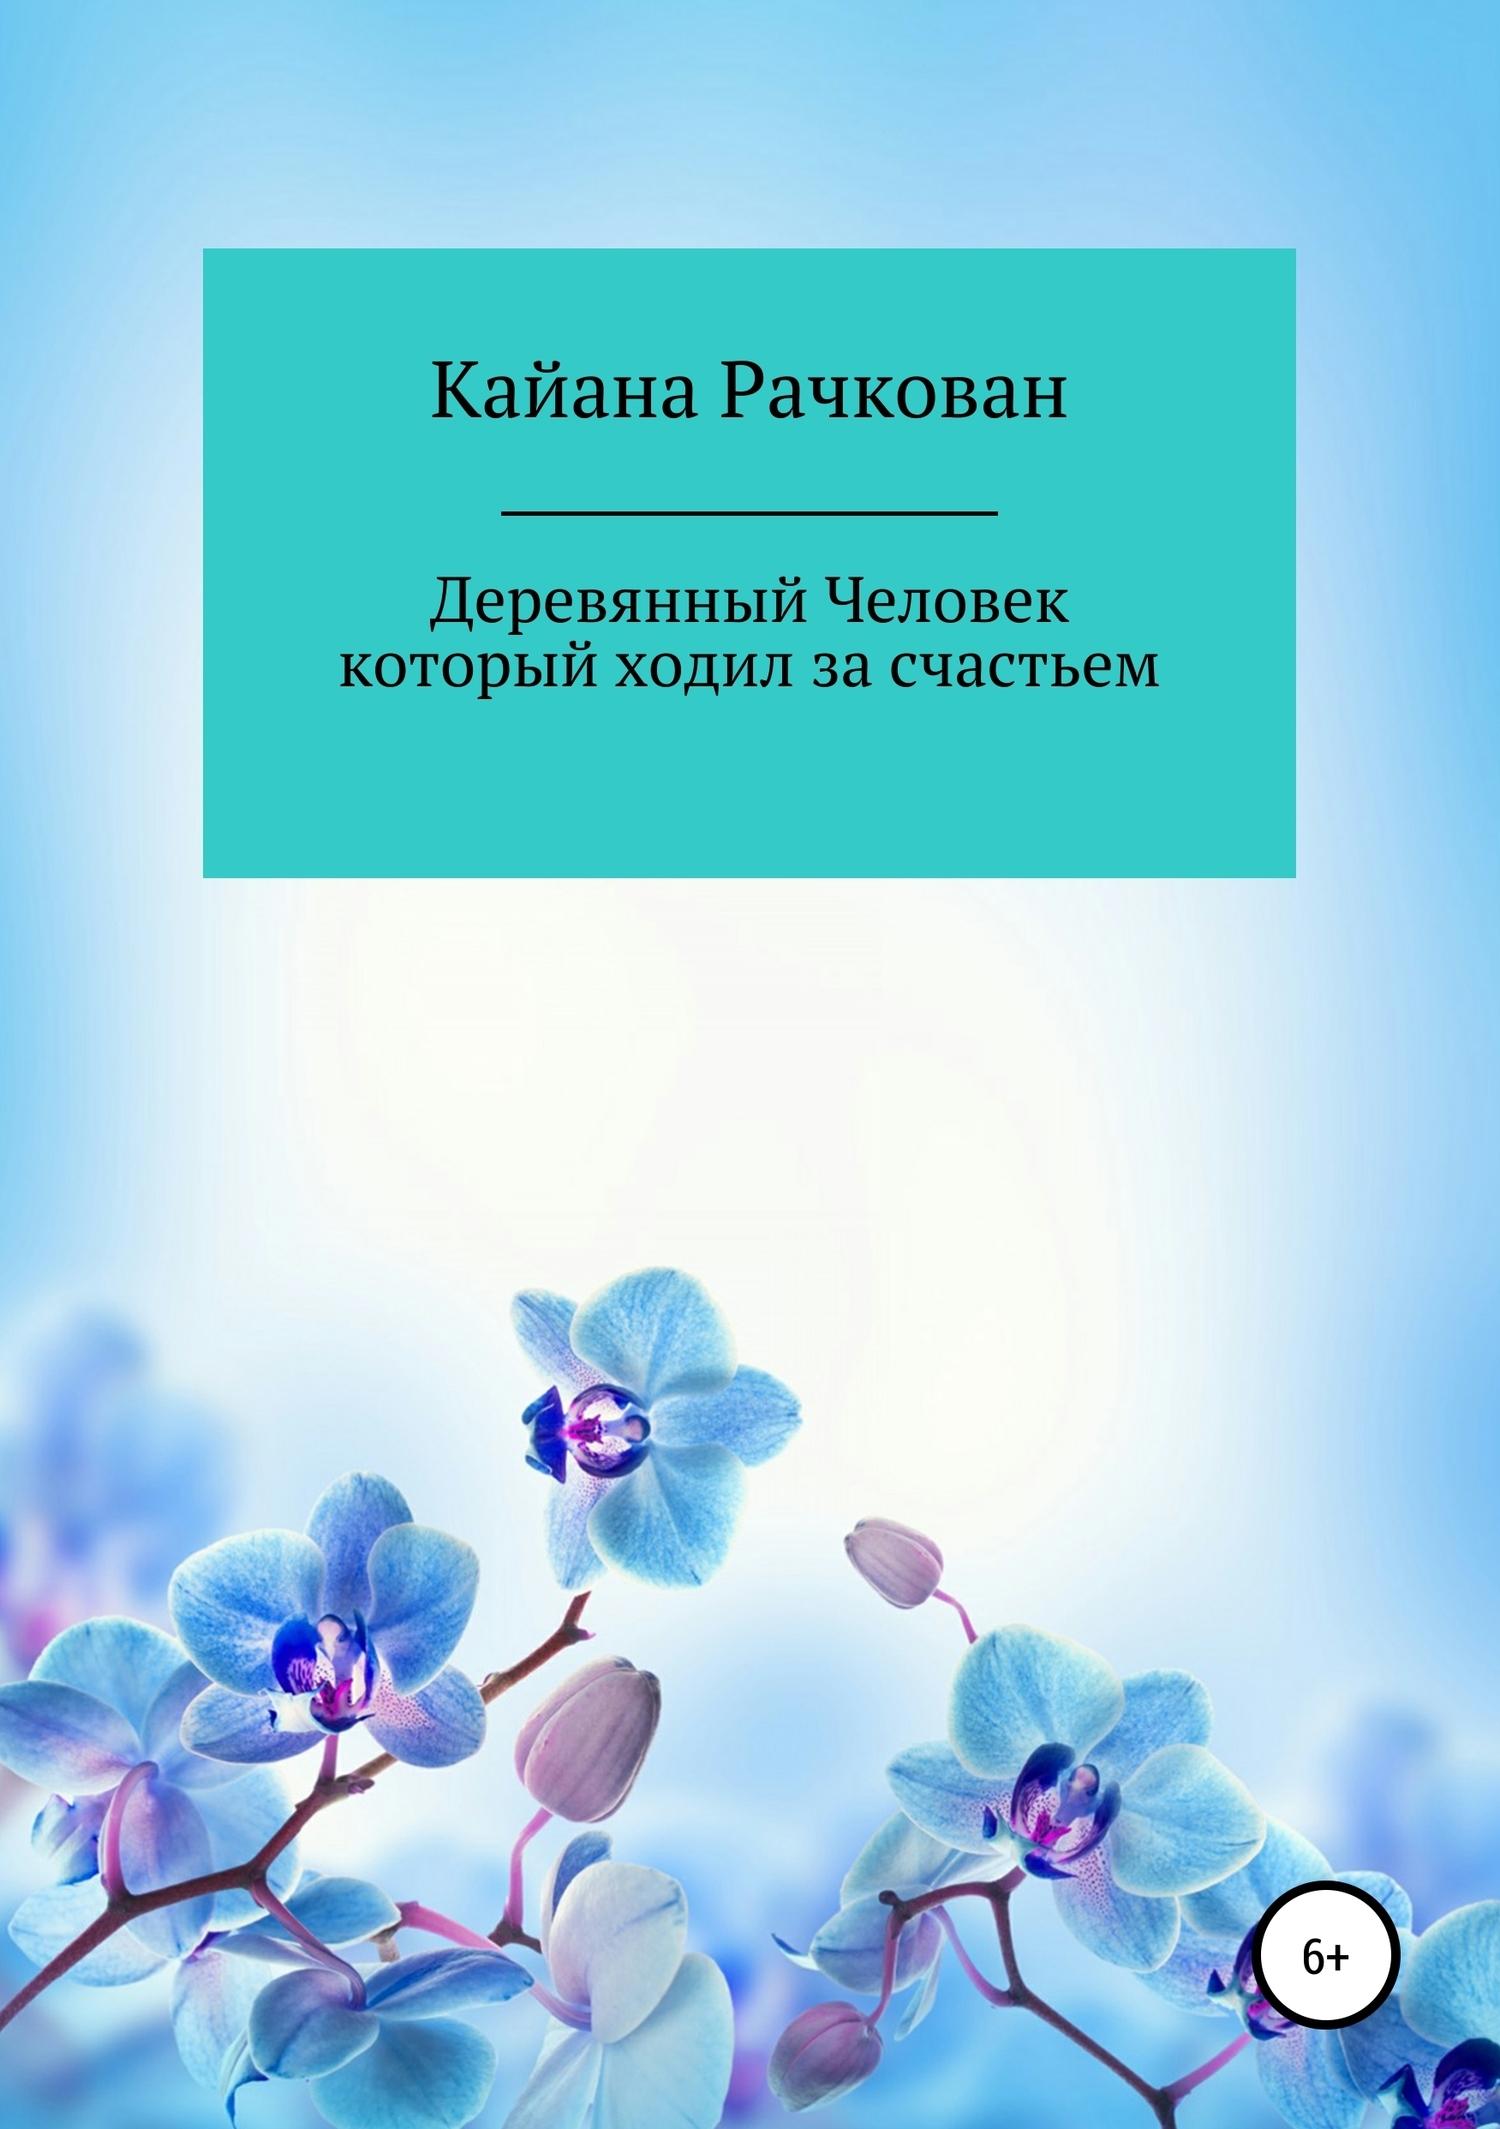 Кайана Рачкован - Деревянный Человек, который ходил за счастьем